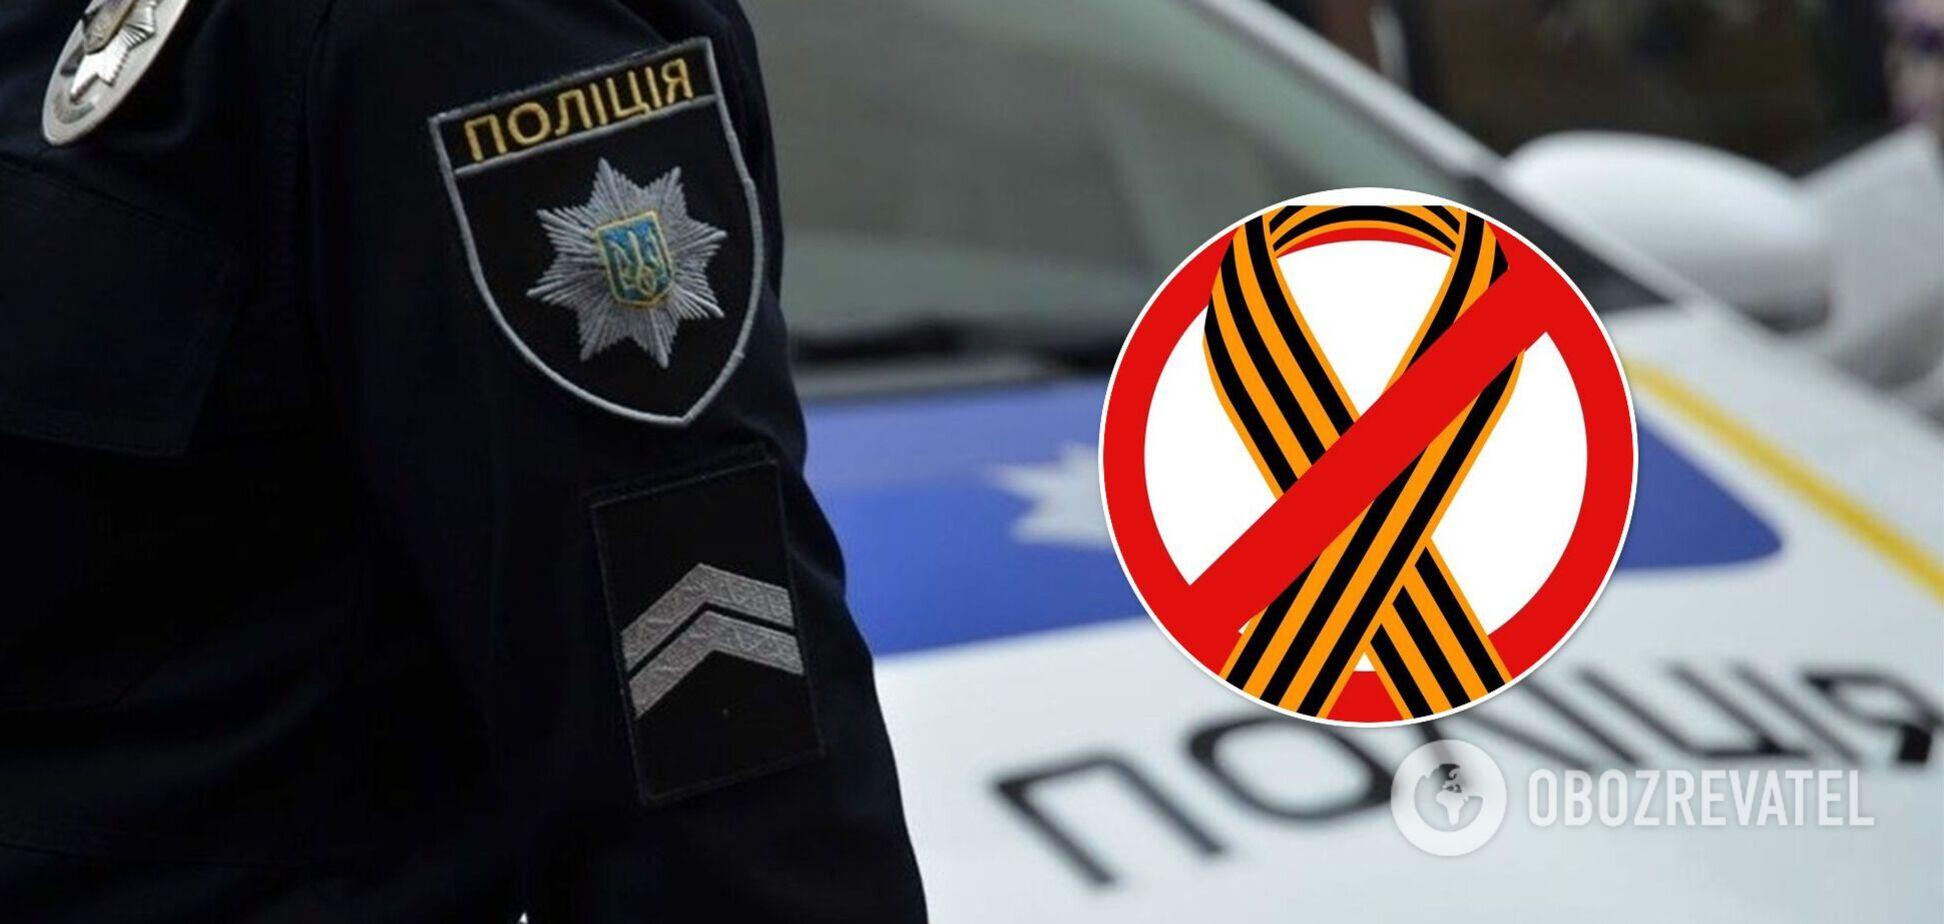 Українці перед 9 травня відзначилися демонстрацією заборонених радянських прапорів: як покарали